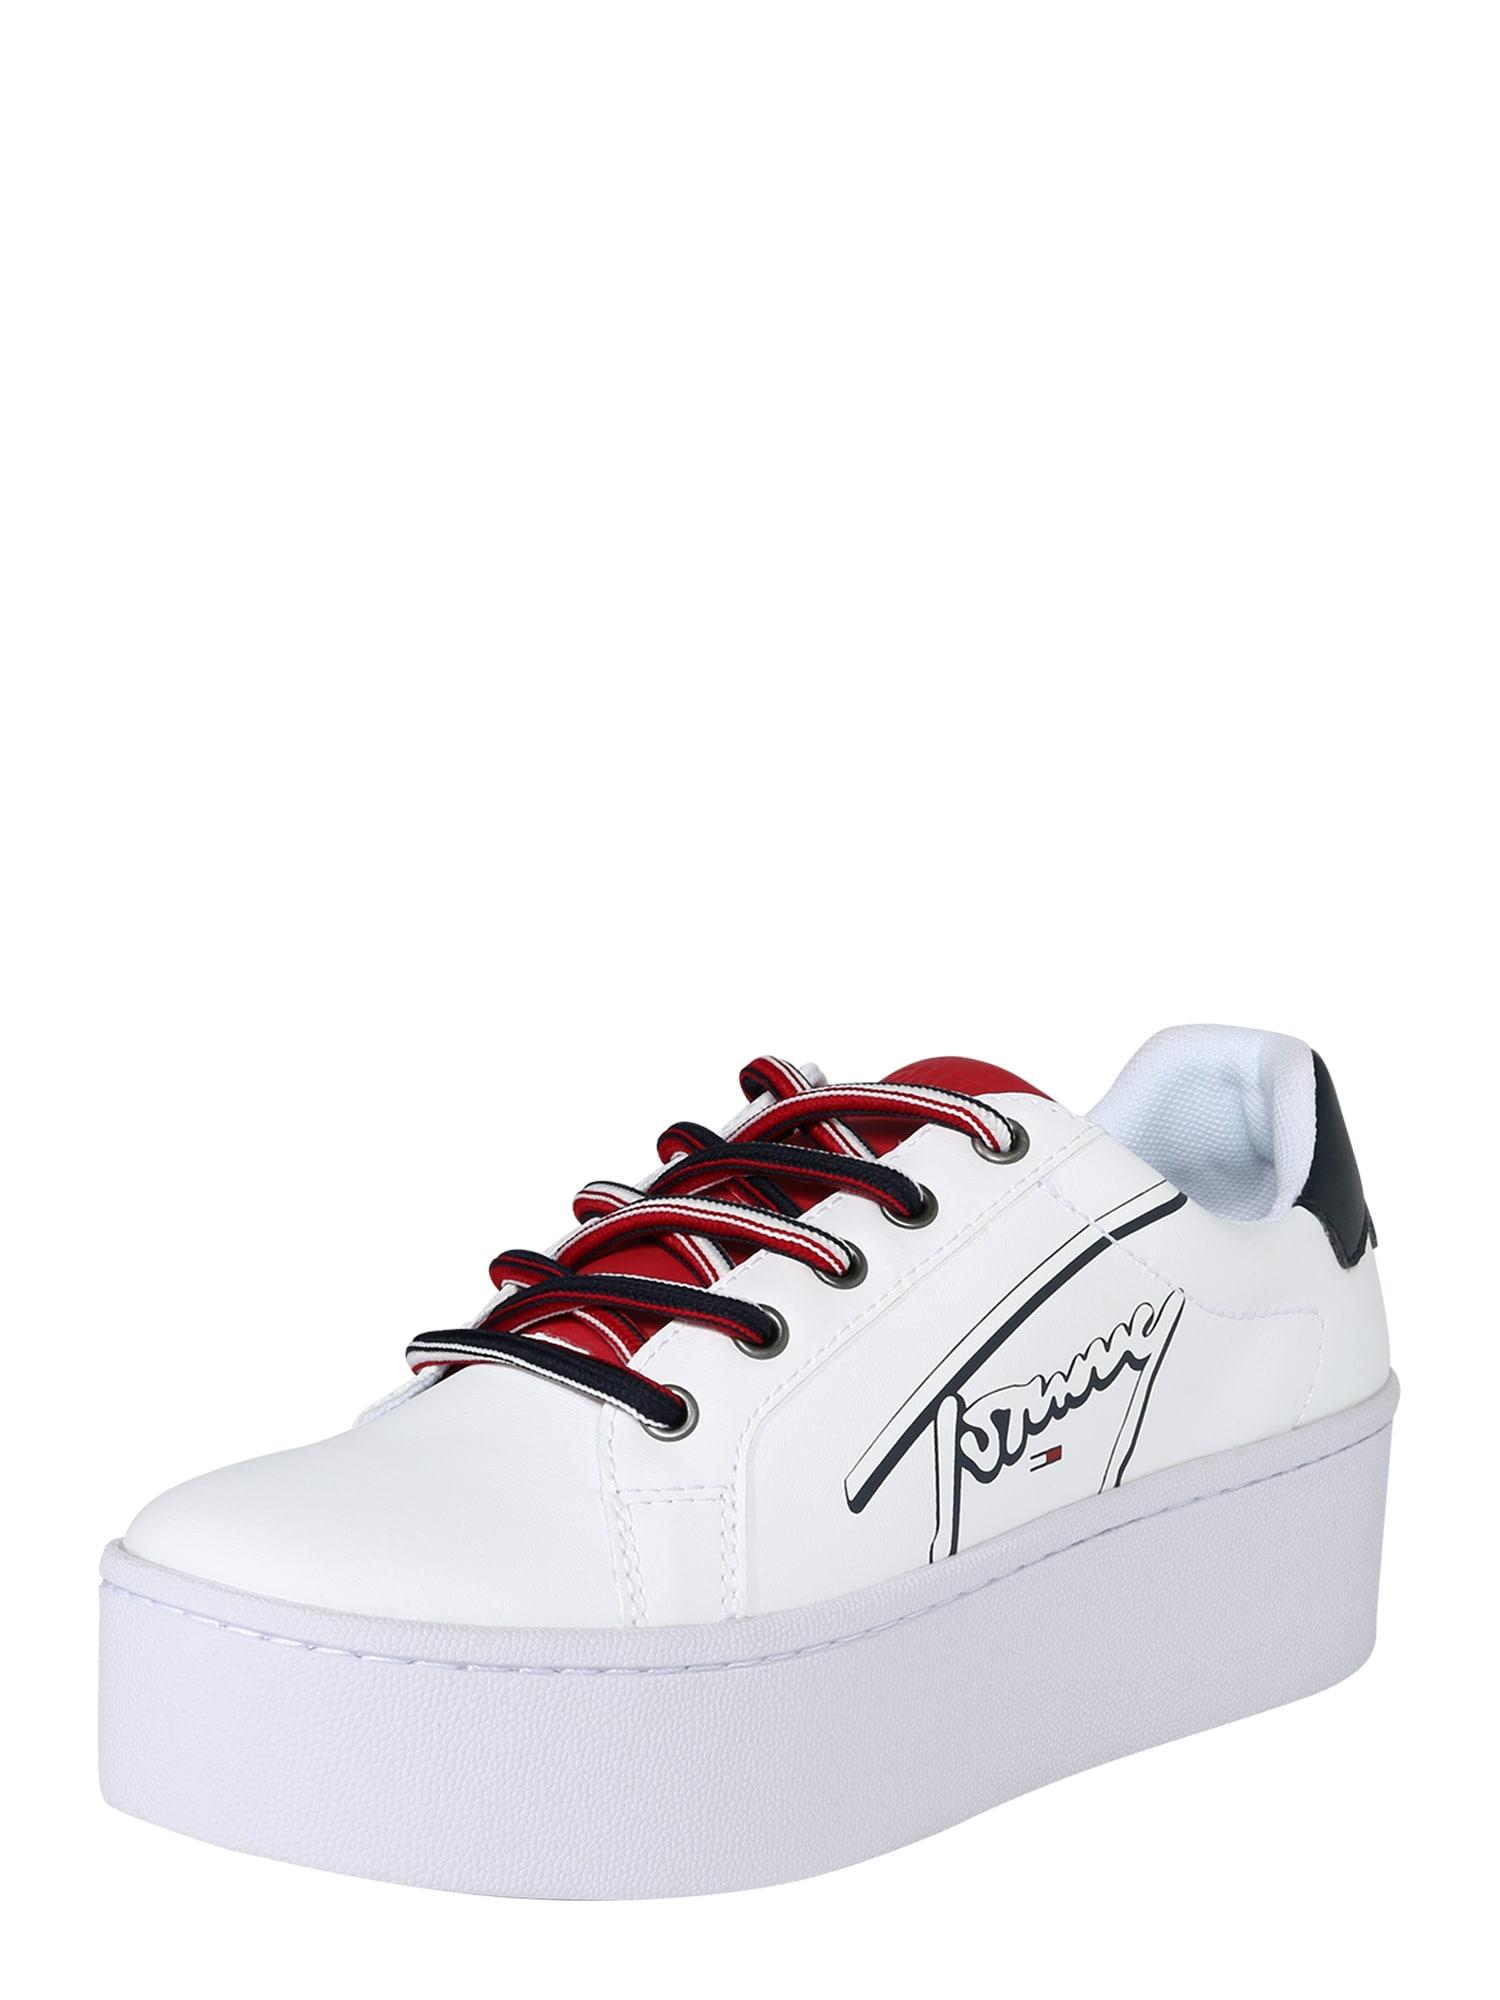 Tenisky TOMMY SIGNATURE FLATFORM bílá Tommy Jeans